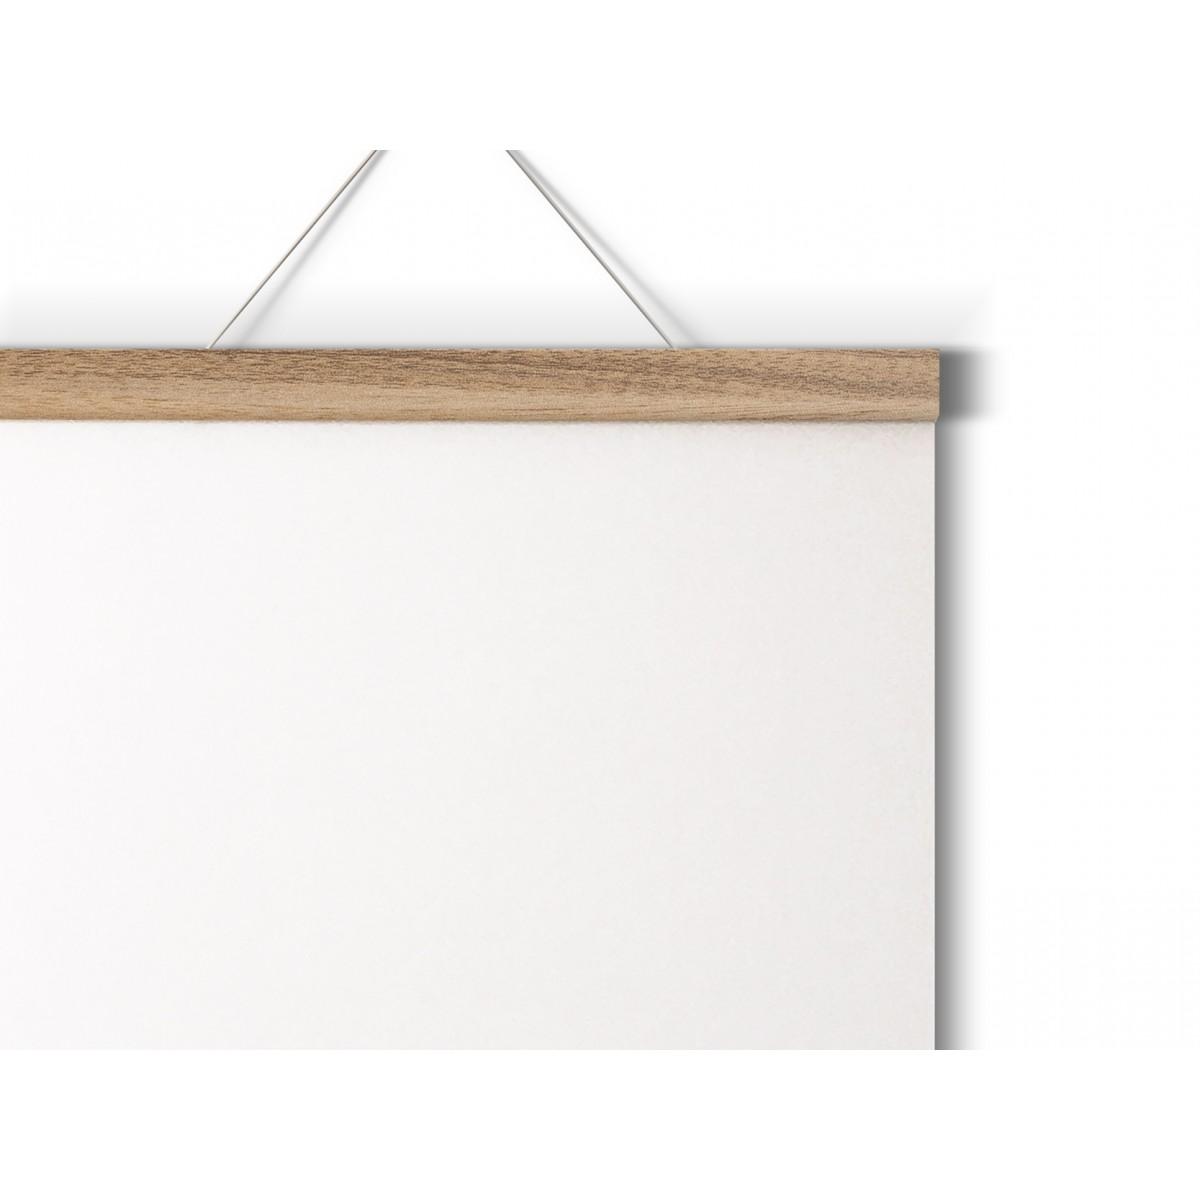 Magnetische Posterleiste aus Eiche / perfekt für DIN A3-Prints